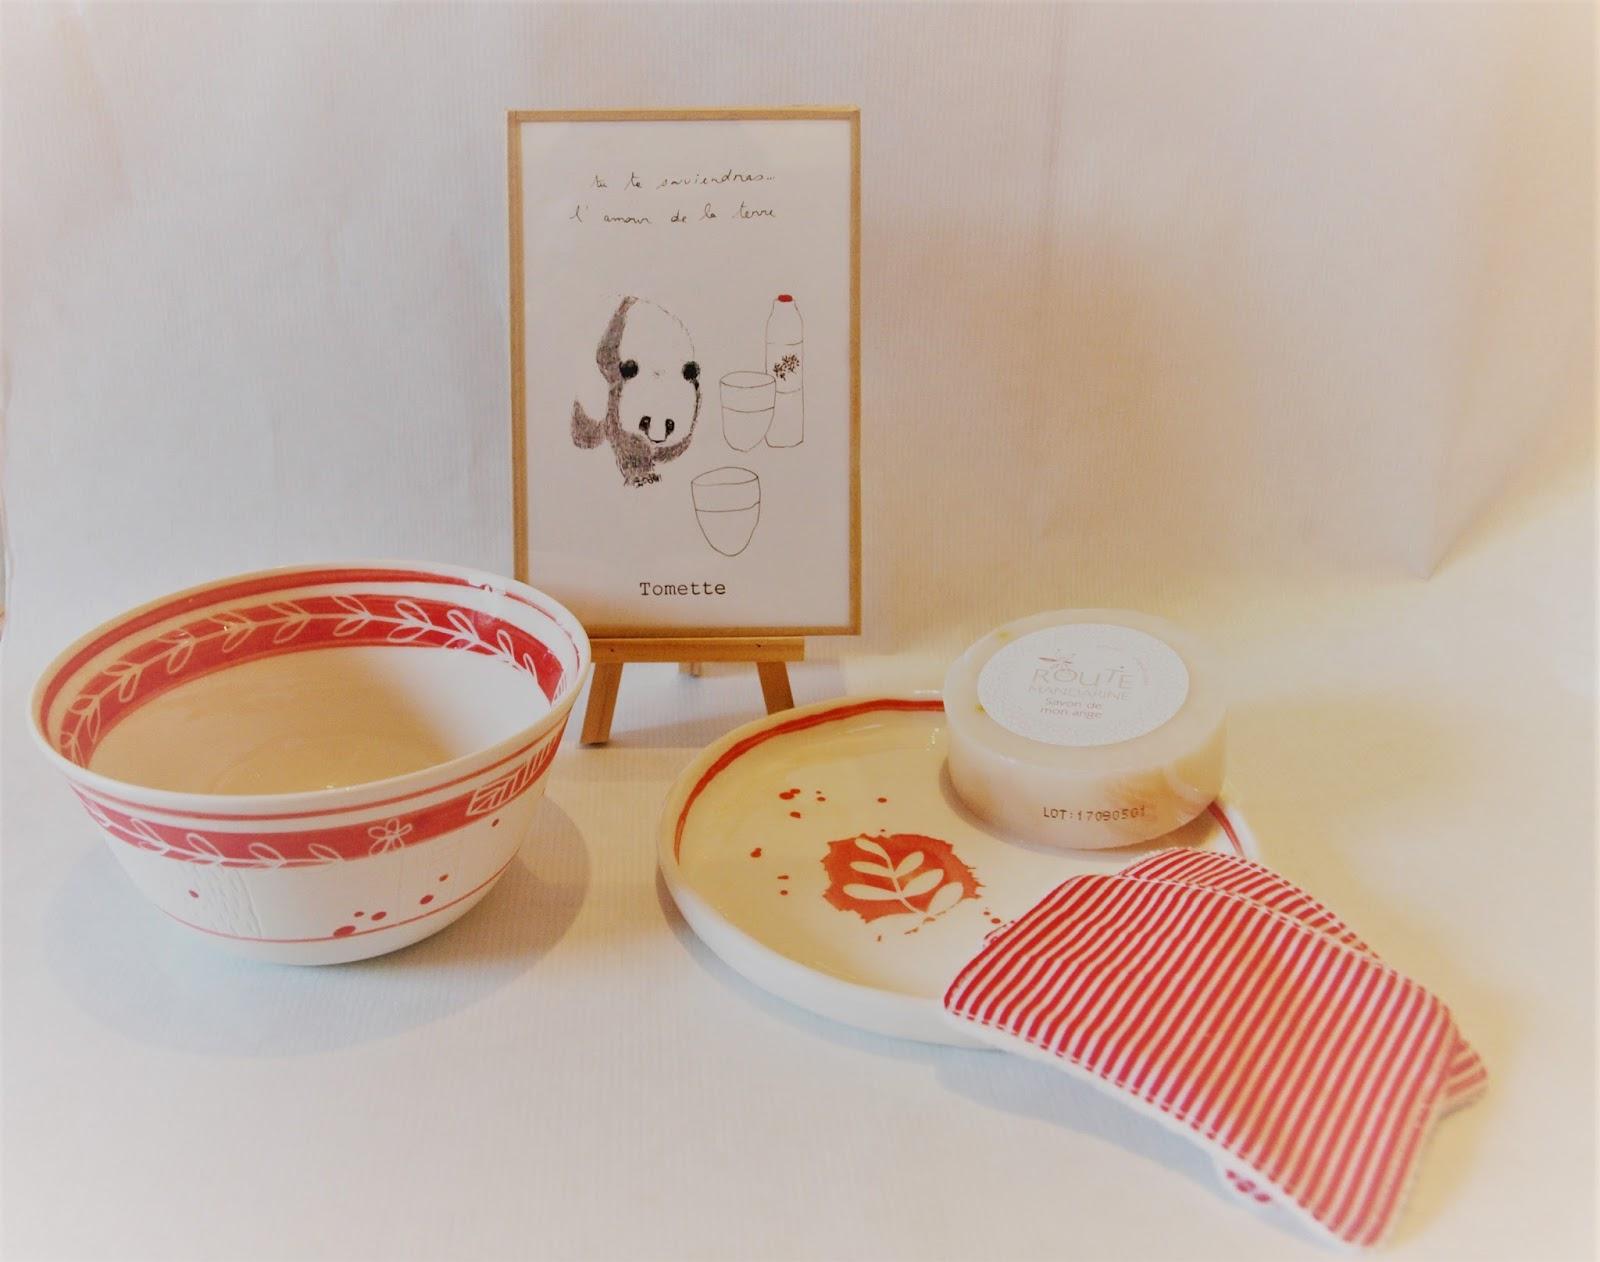 Boutique Tilt CREATEUR Les Cramiques De Juliette